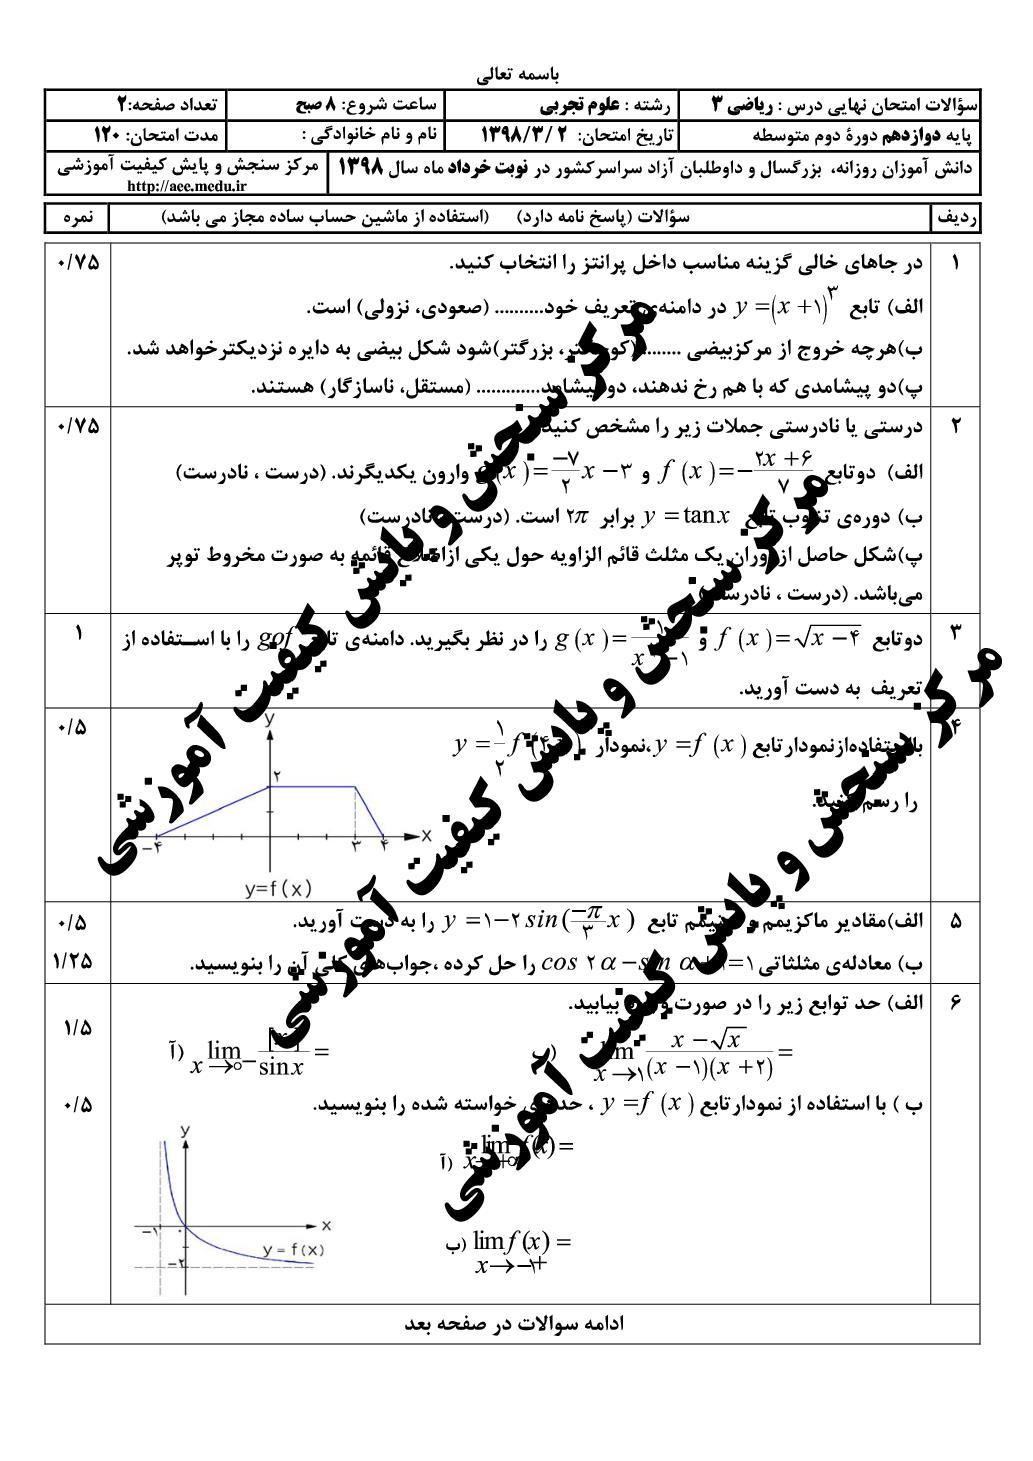 امتحان نهایی ریاضی 3 - خرداد 98 (PDF)